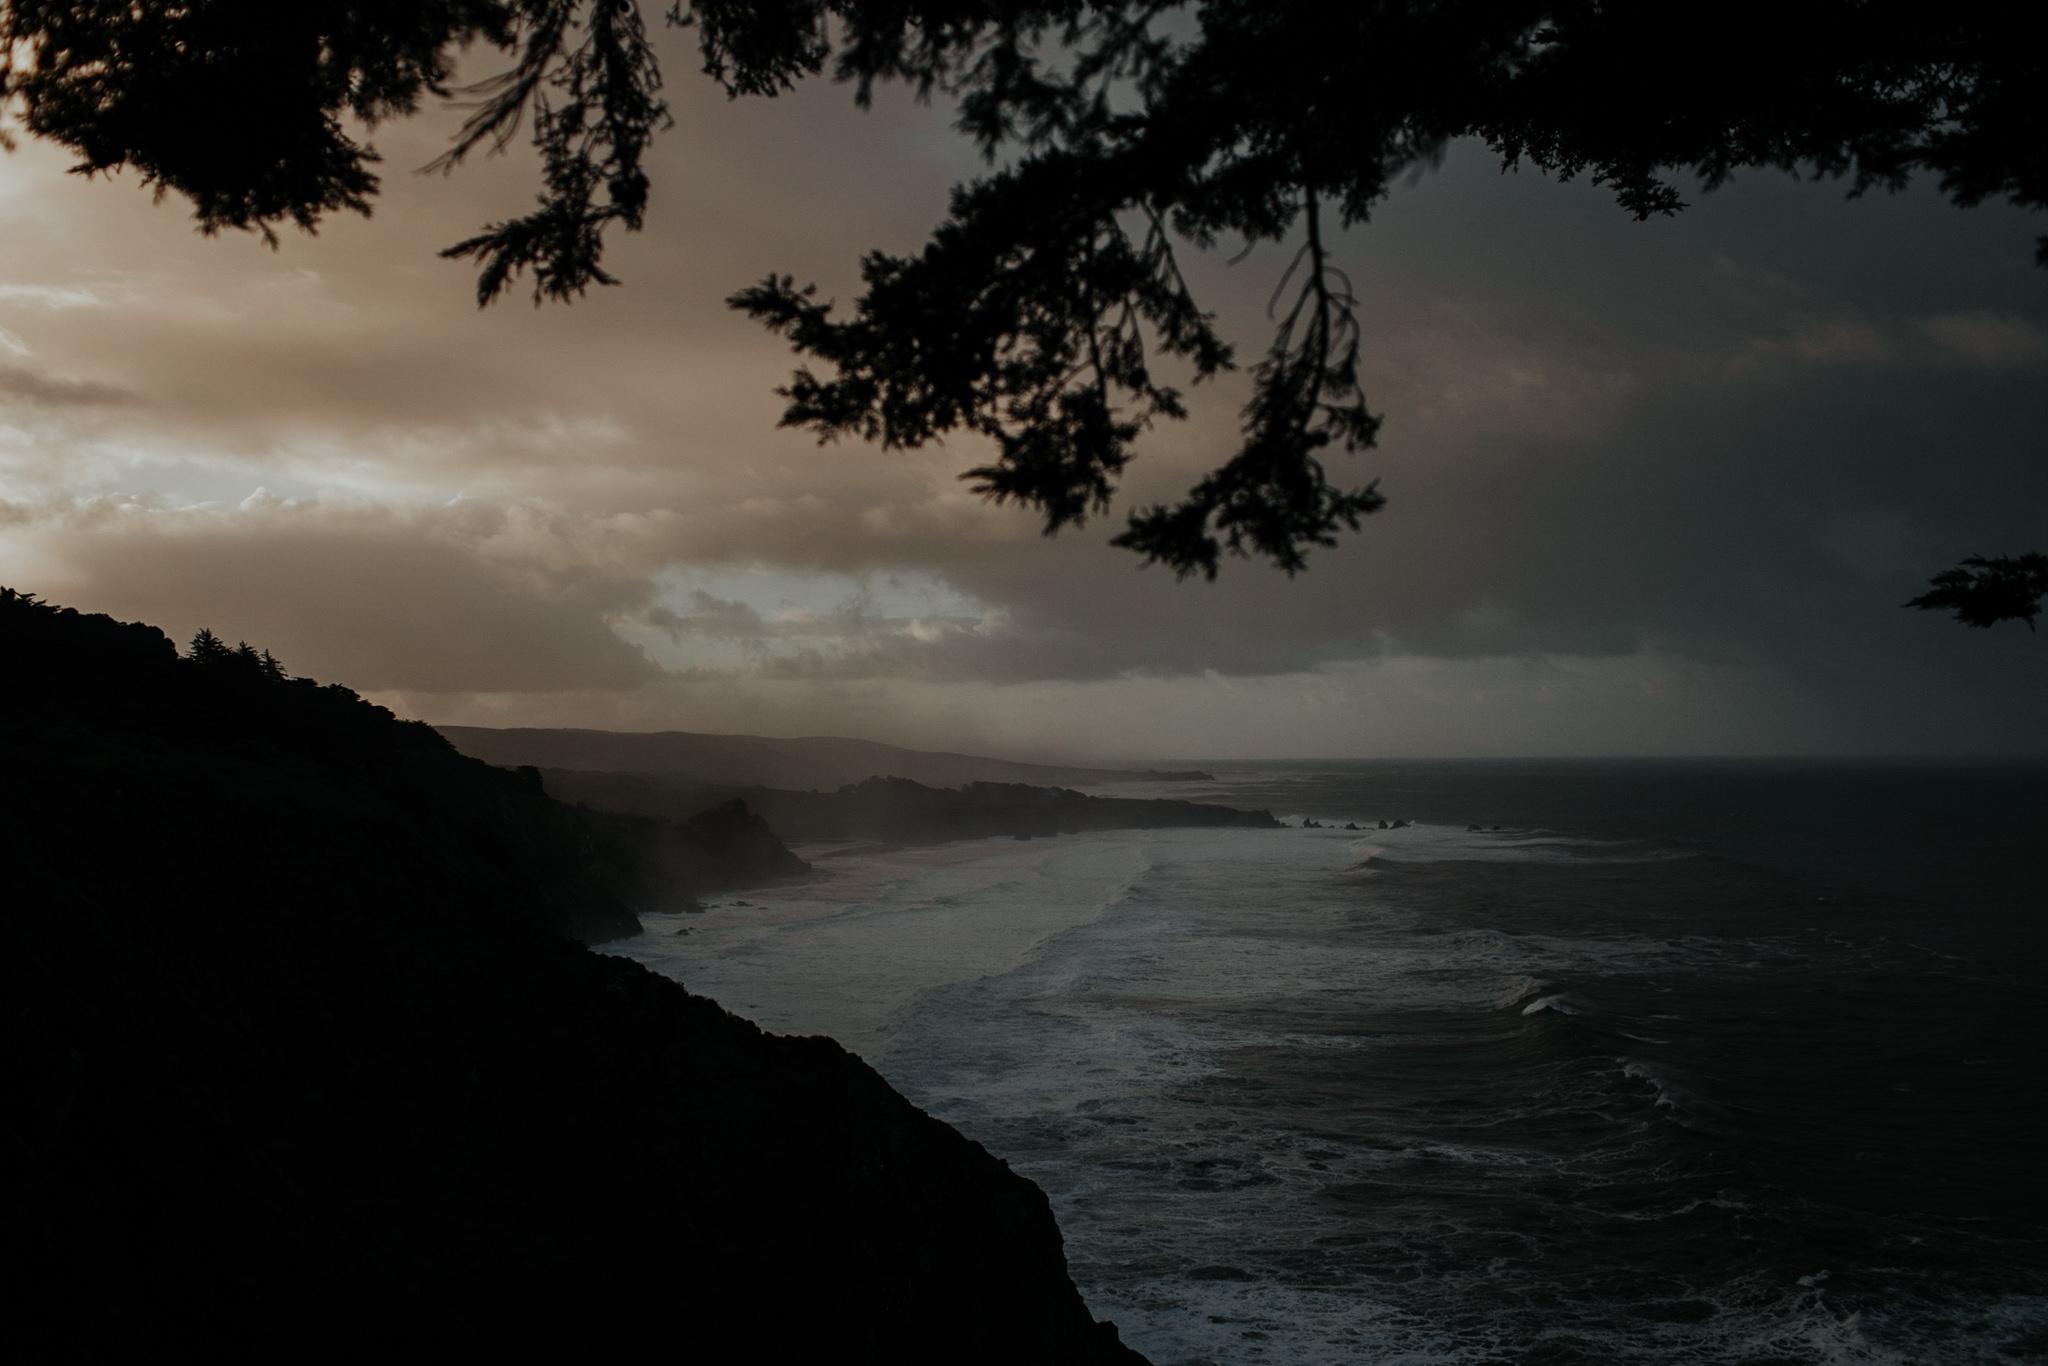 ragged point at sun rise dawn big sur coast california